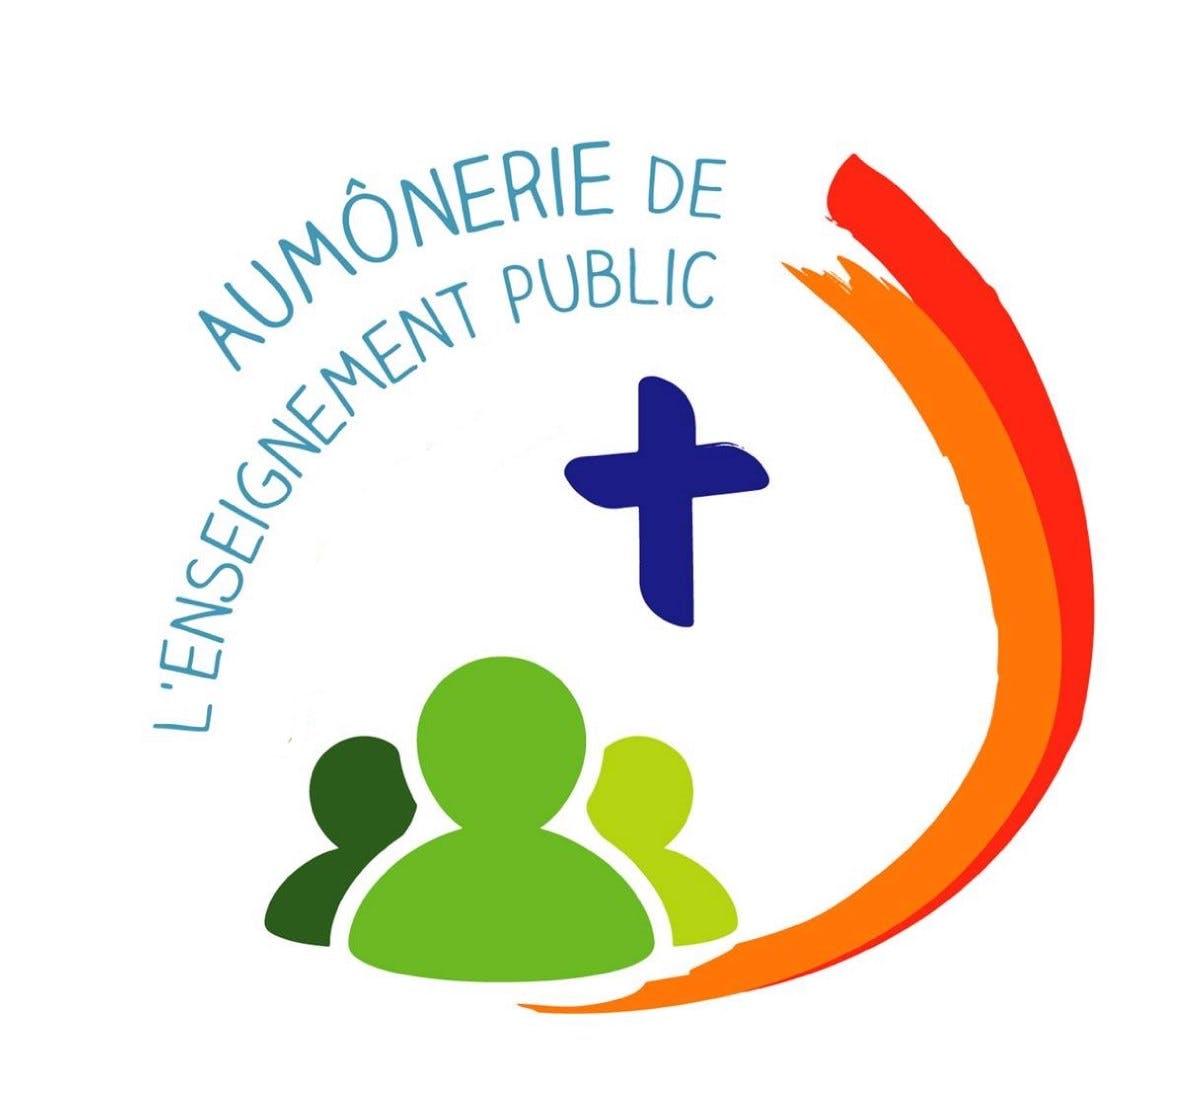 Aumônerie de l'enseignement public